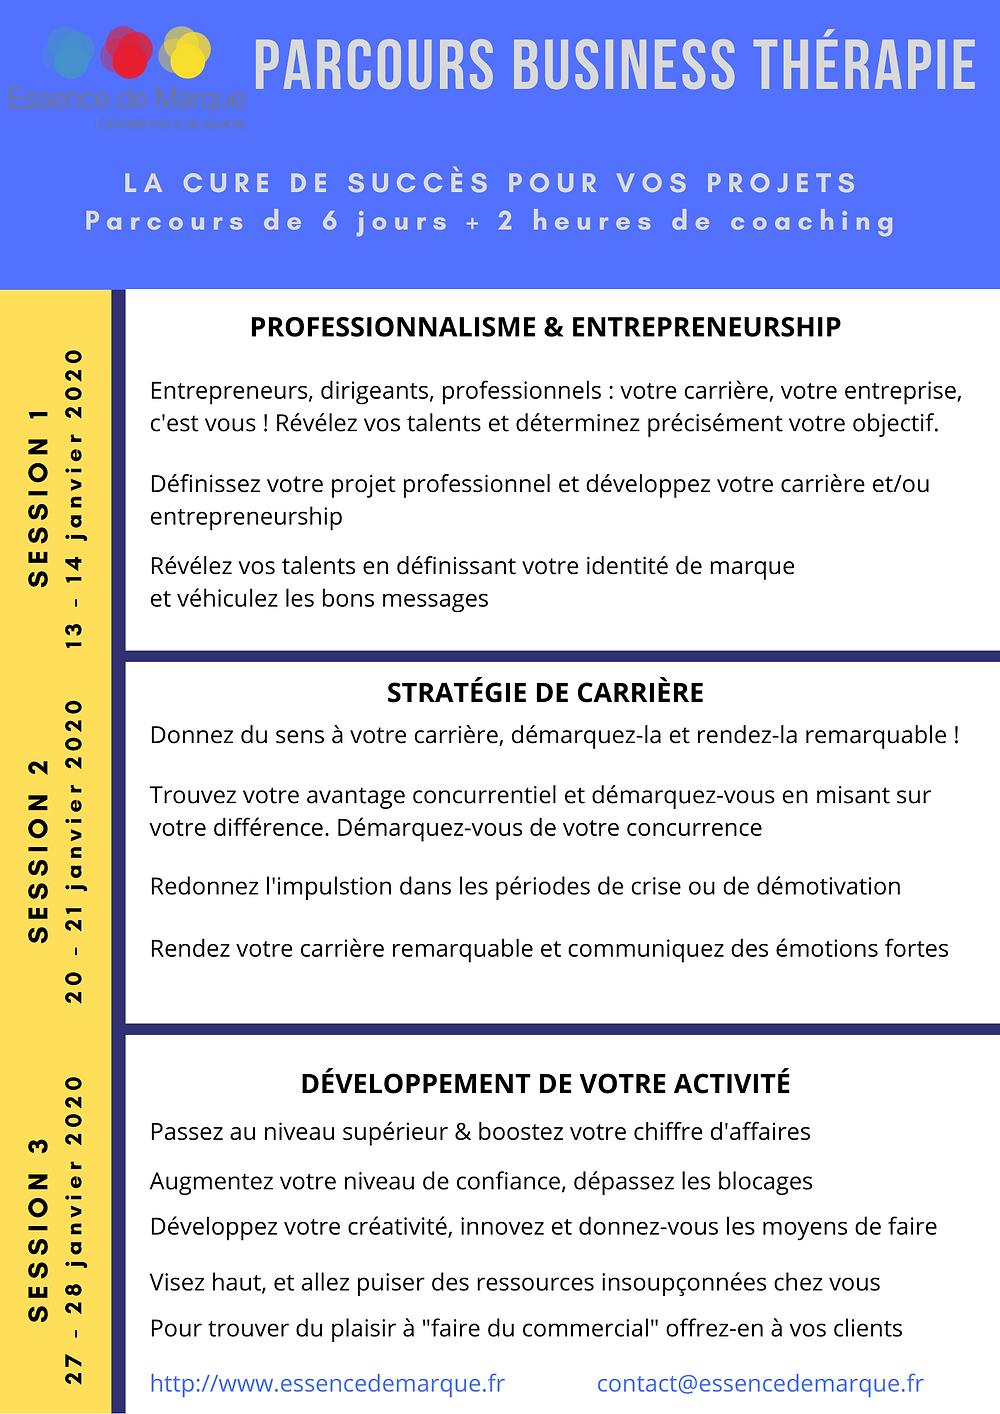 Parcours Business Thérapie by Essence de Marque